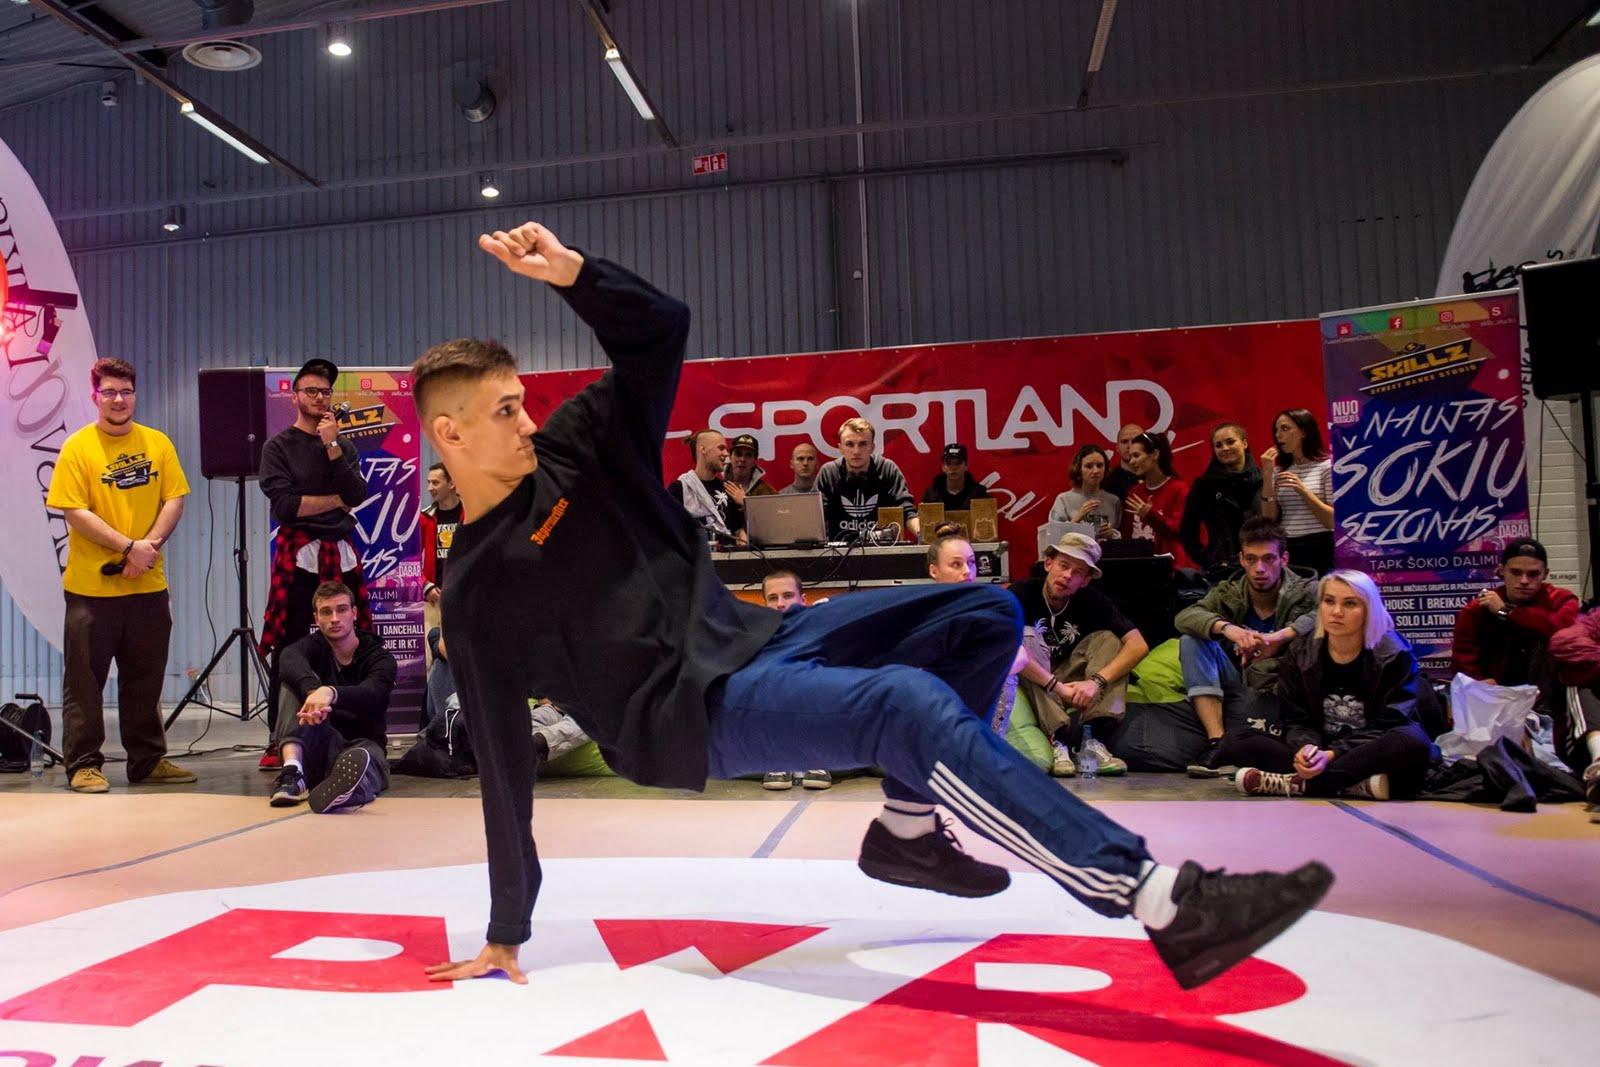 PHR Dance battles Vilniaus festivalis - 107.jpg